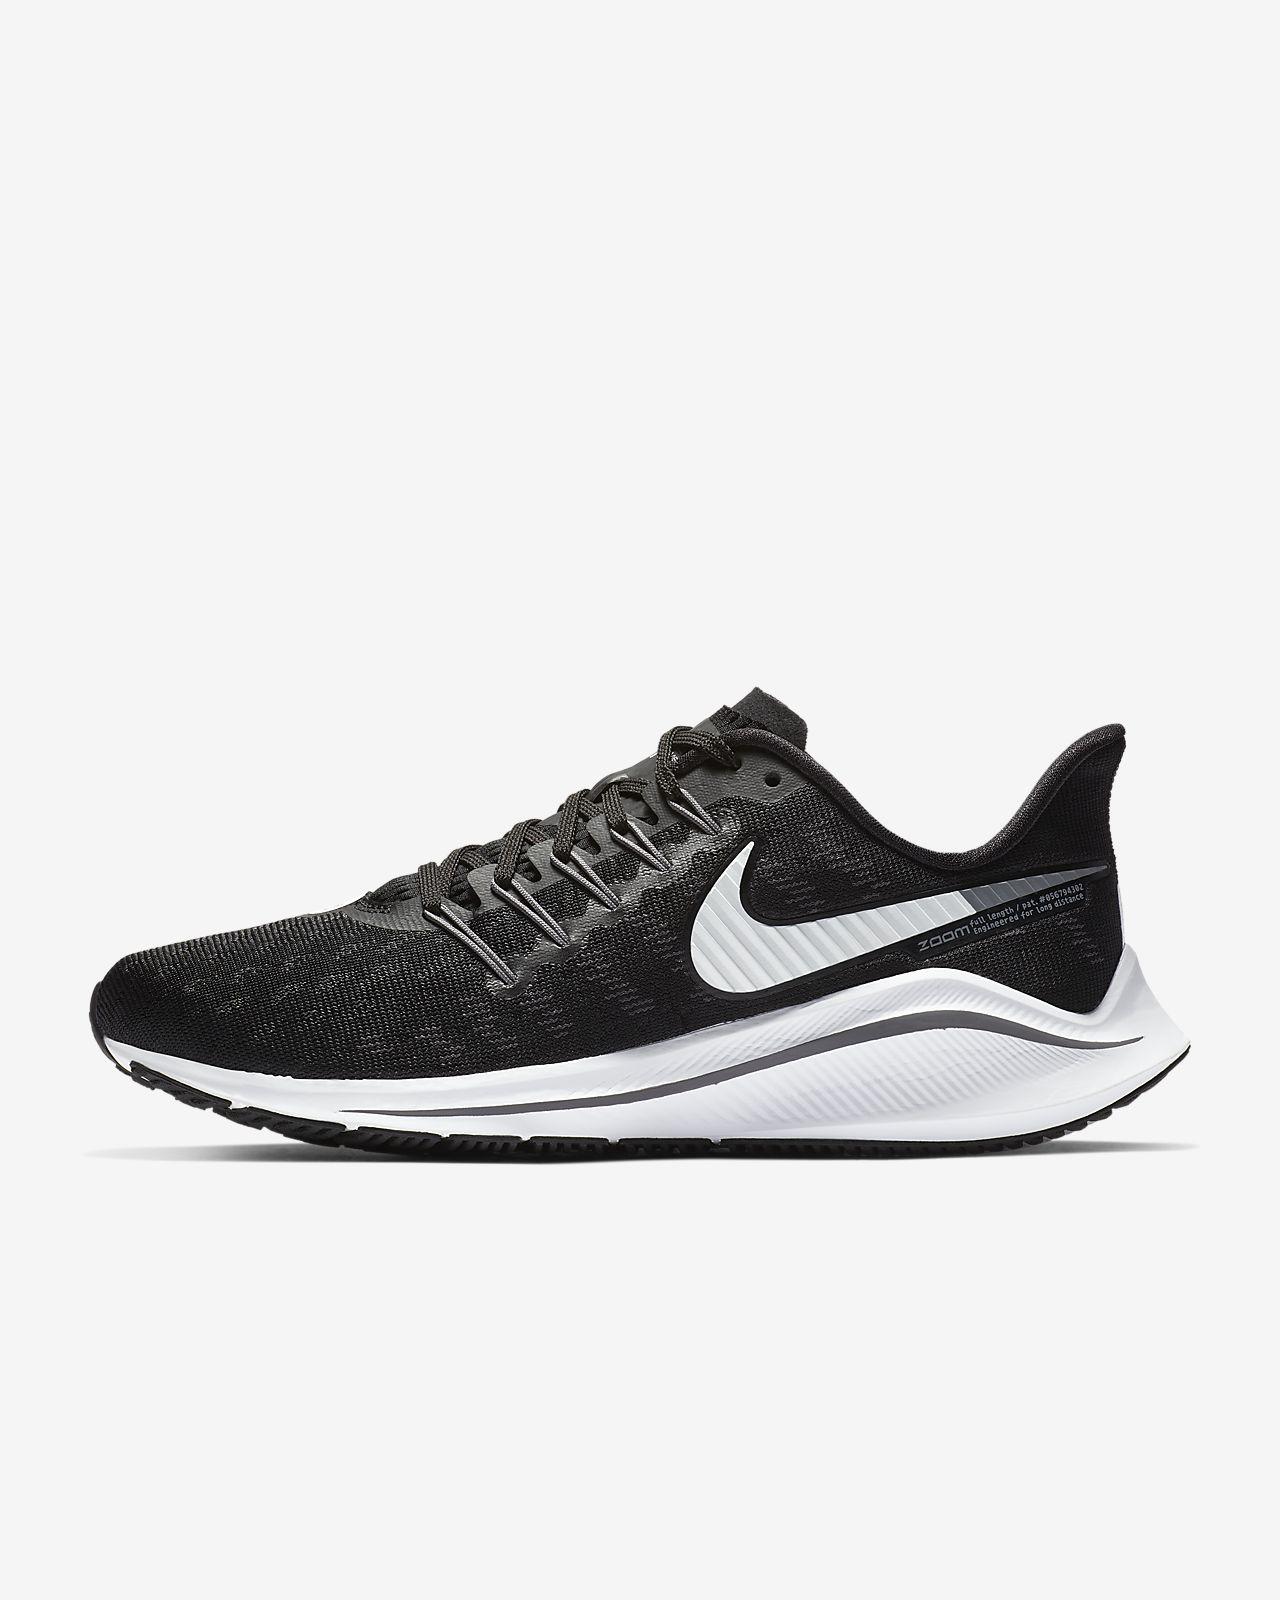 Γυναικείο παπούτσι για τρέξιμο Nike Air Zoom Vomero 14